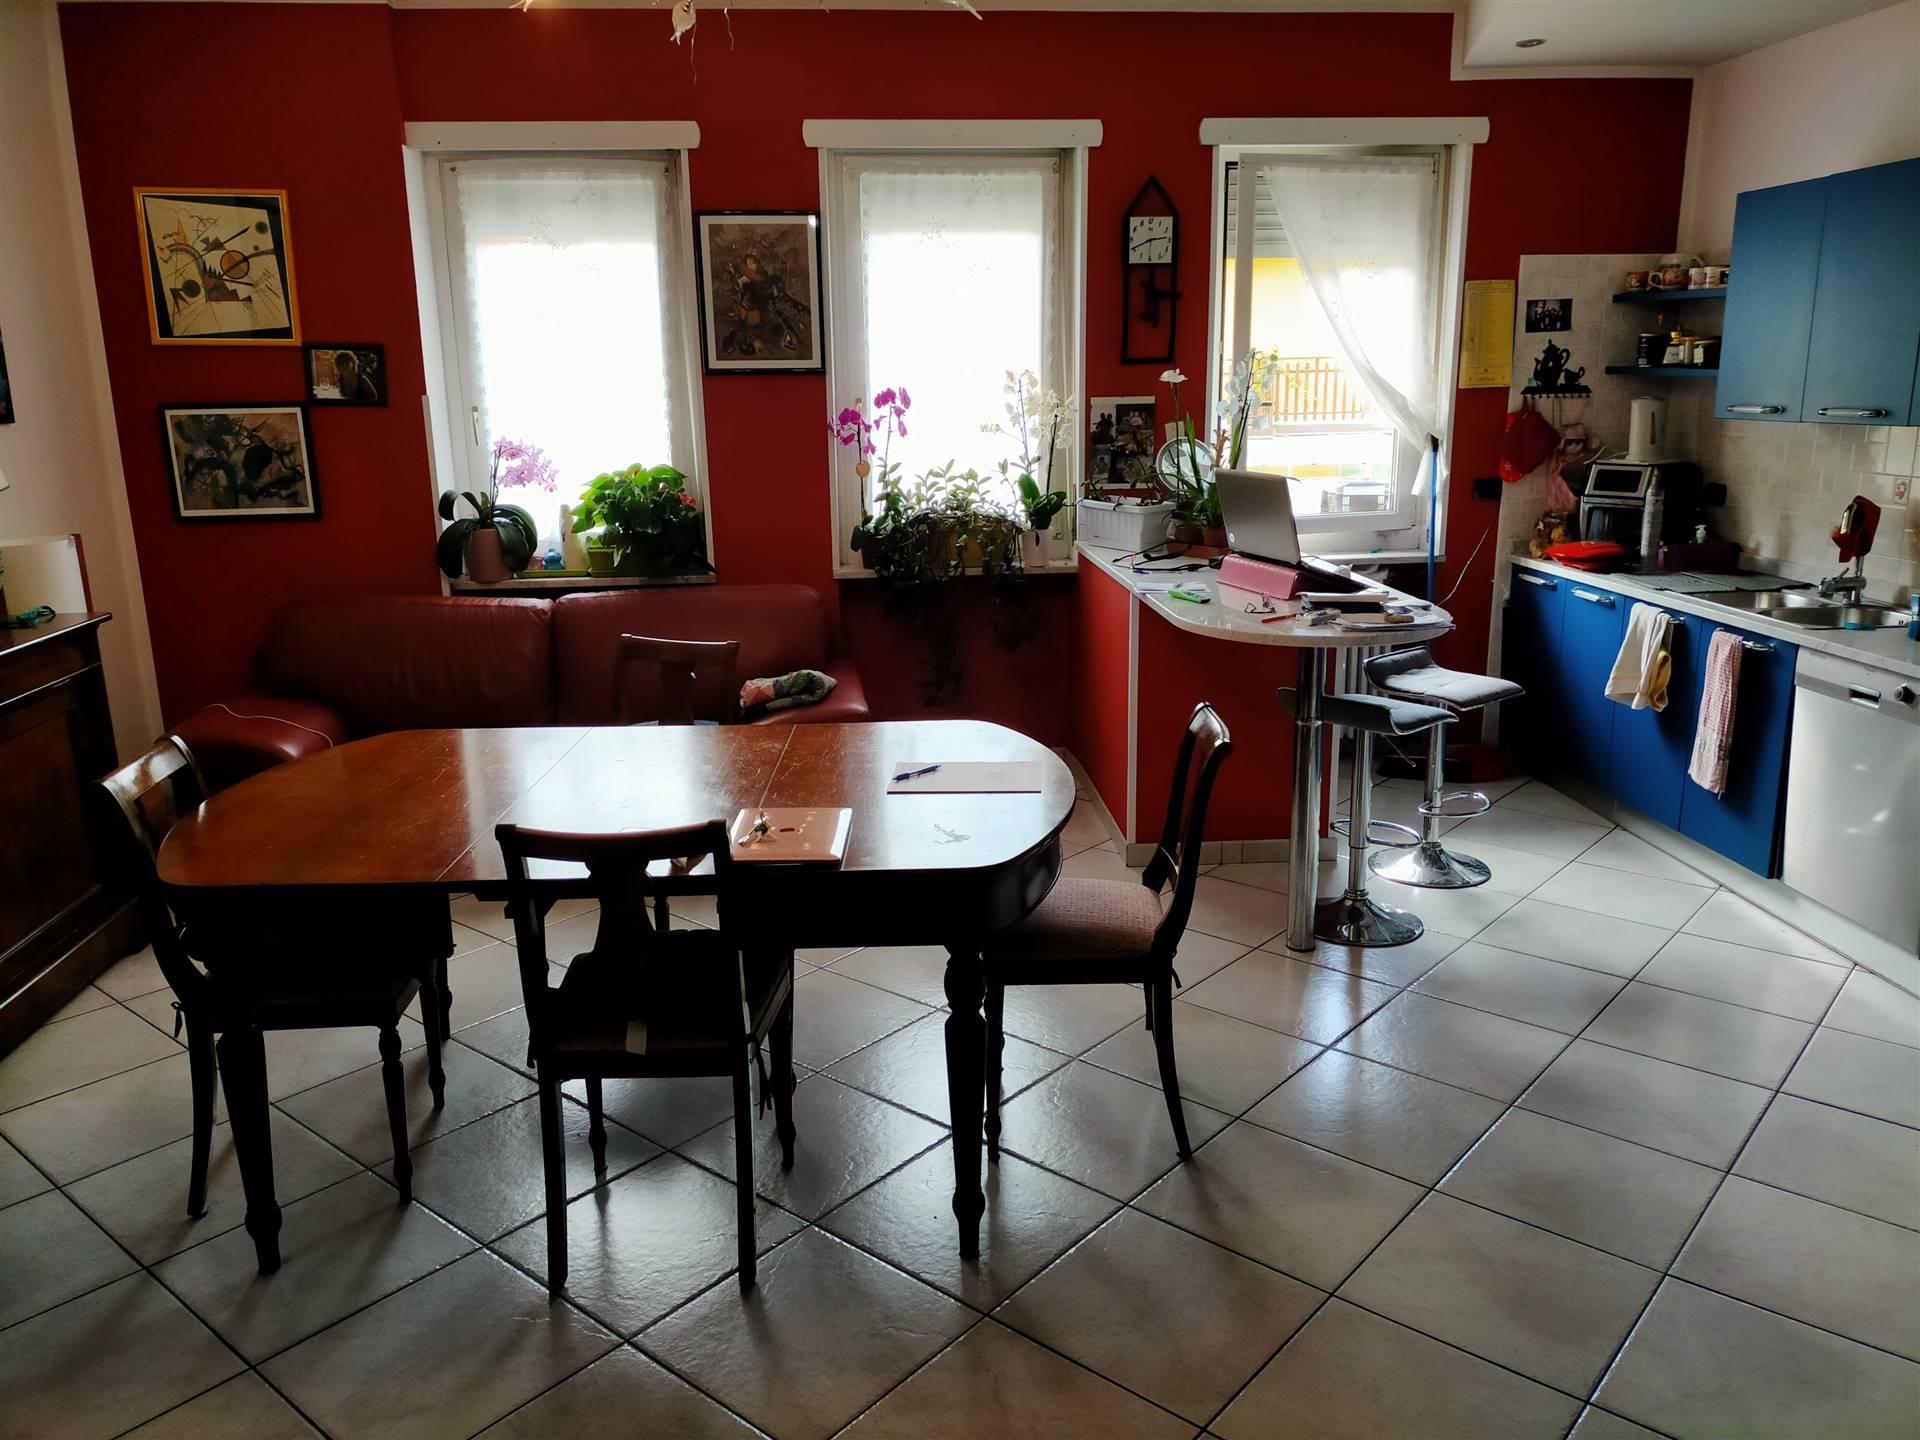 Appartamento in vendita a Aosta, 3 locali, zona Zona: Centro, prezzo € 180.000 | CambioCasa.it